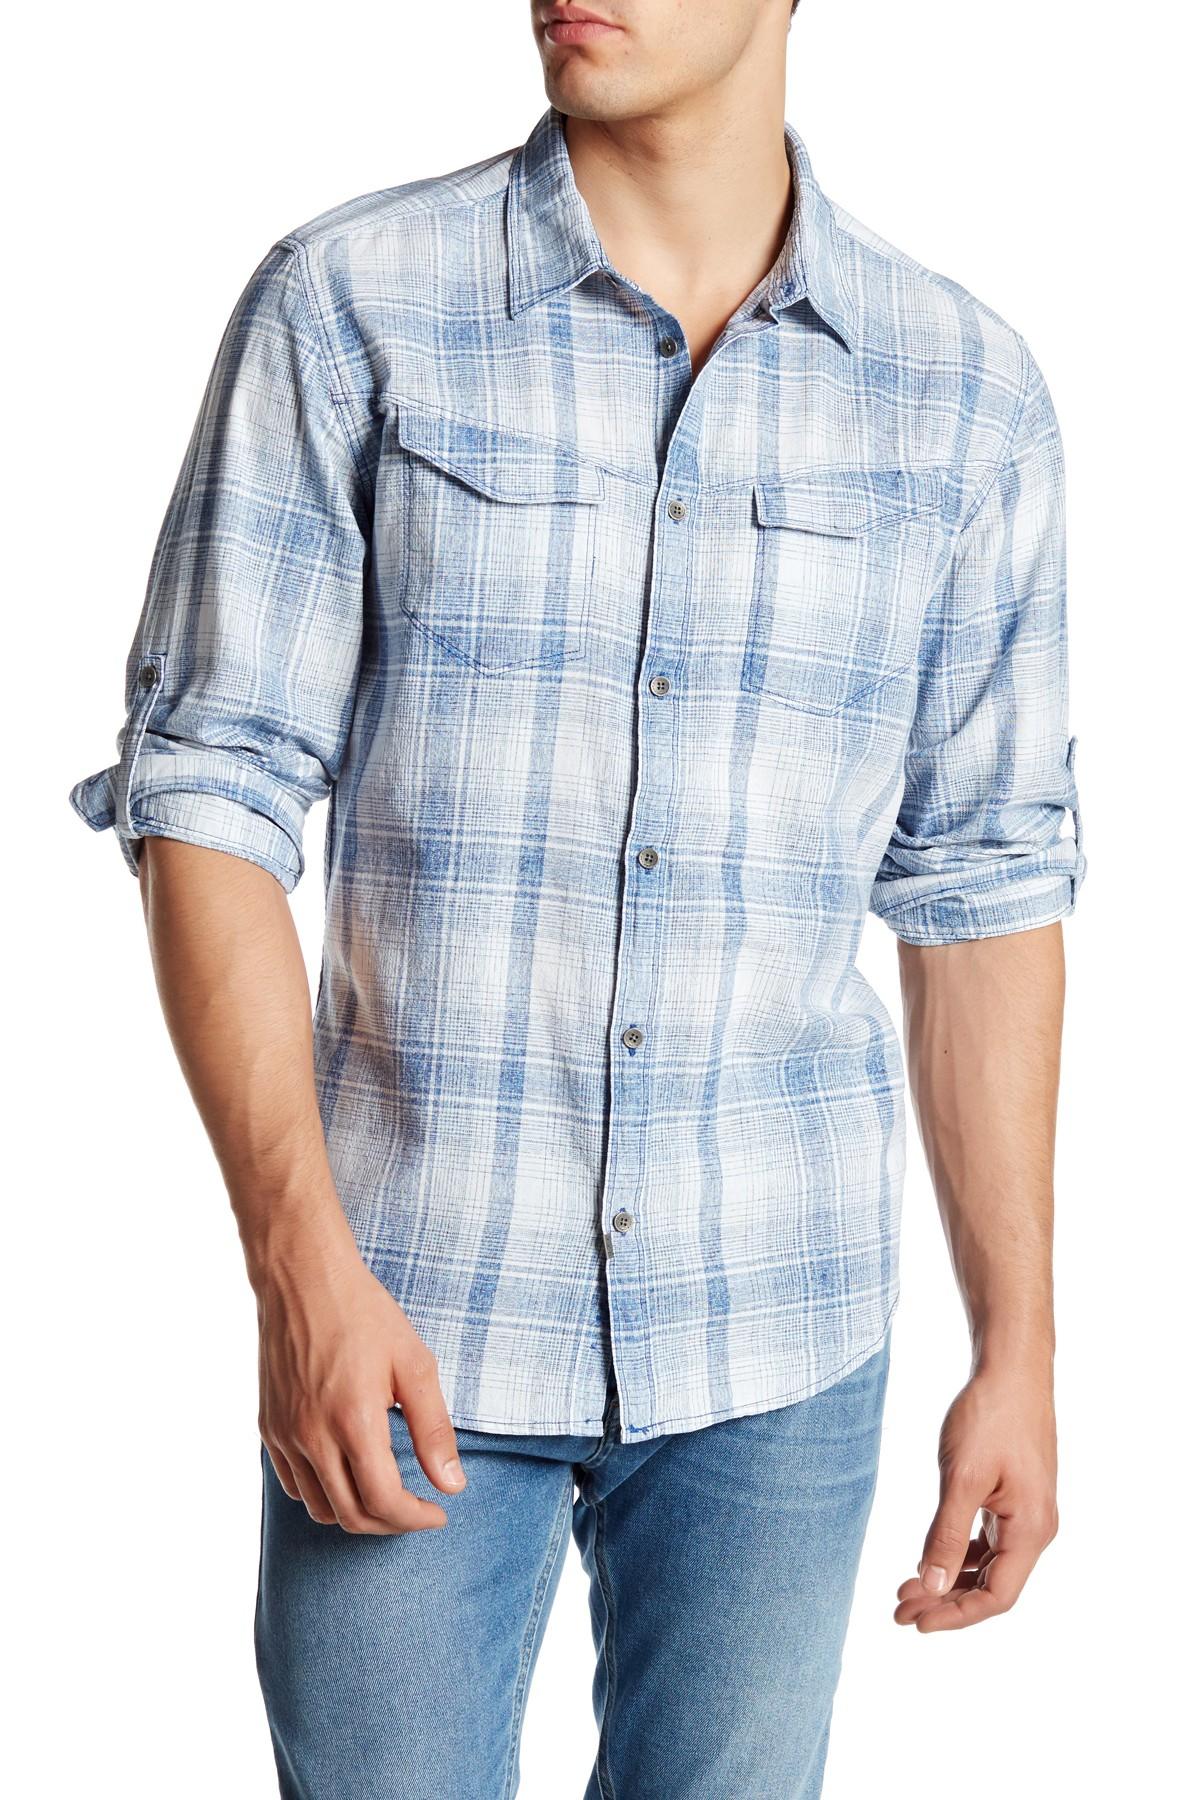 Calvin Klein Jeans Trim Fit Plaid Roll Tab Shirt In Blue